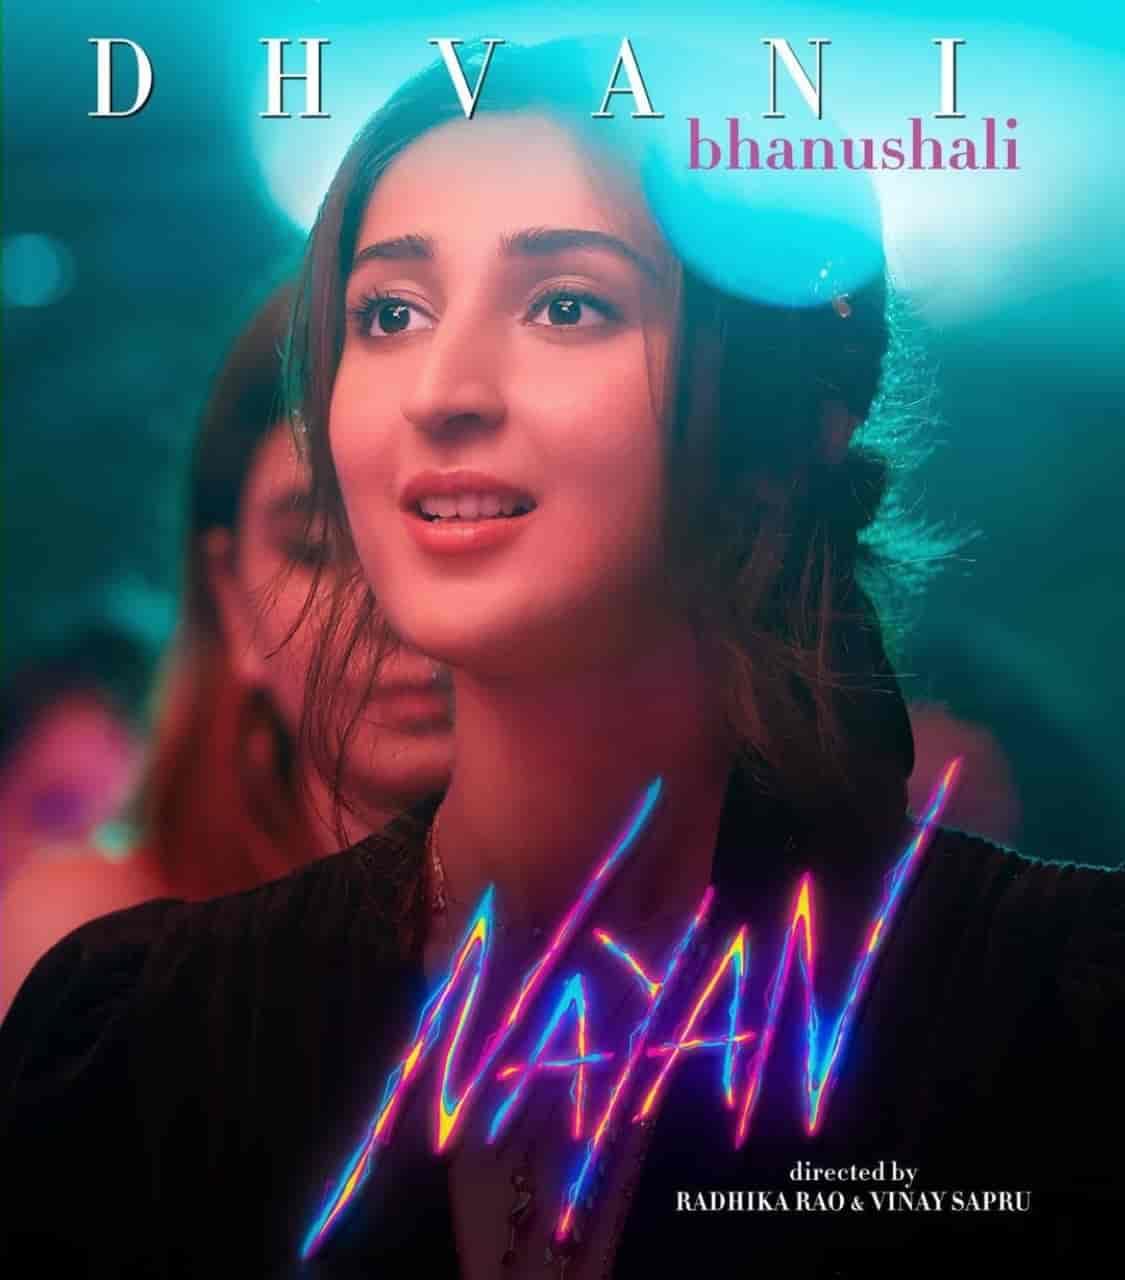 Nayan Hindi Song Image Features Dhvani